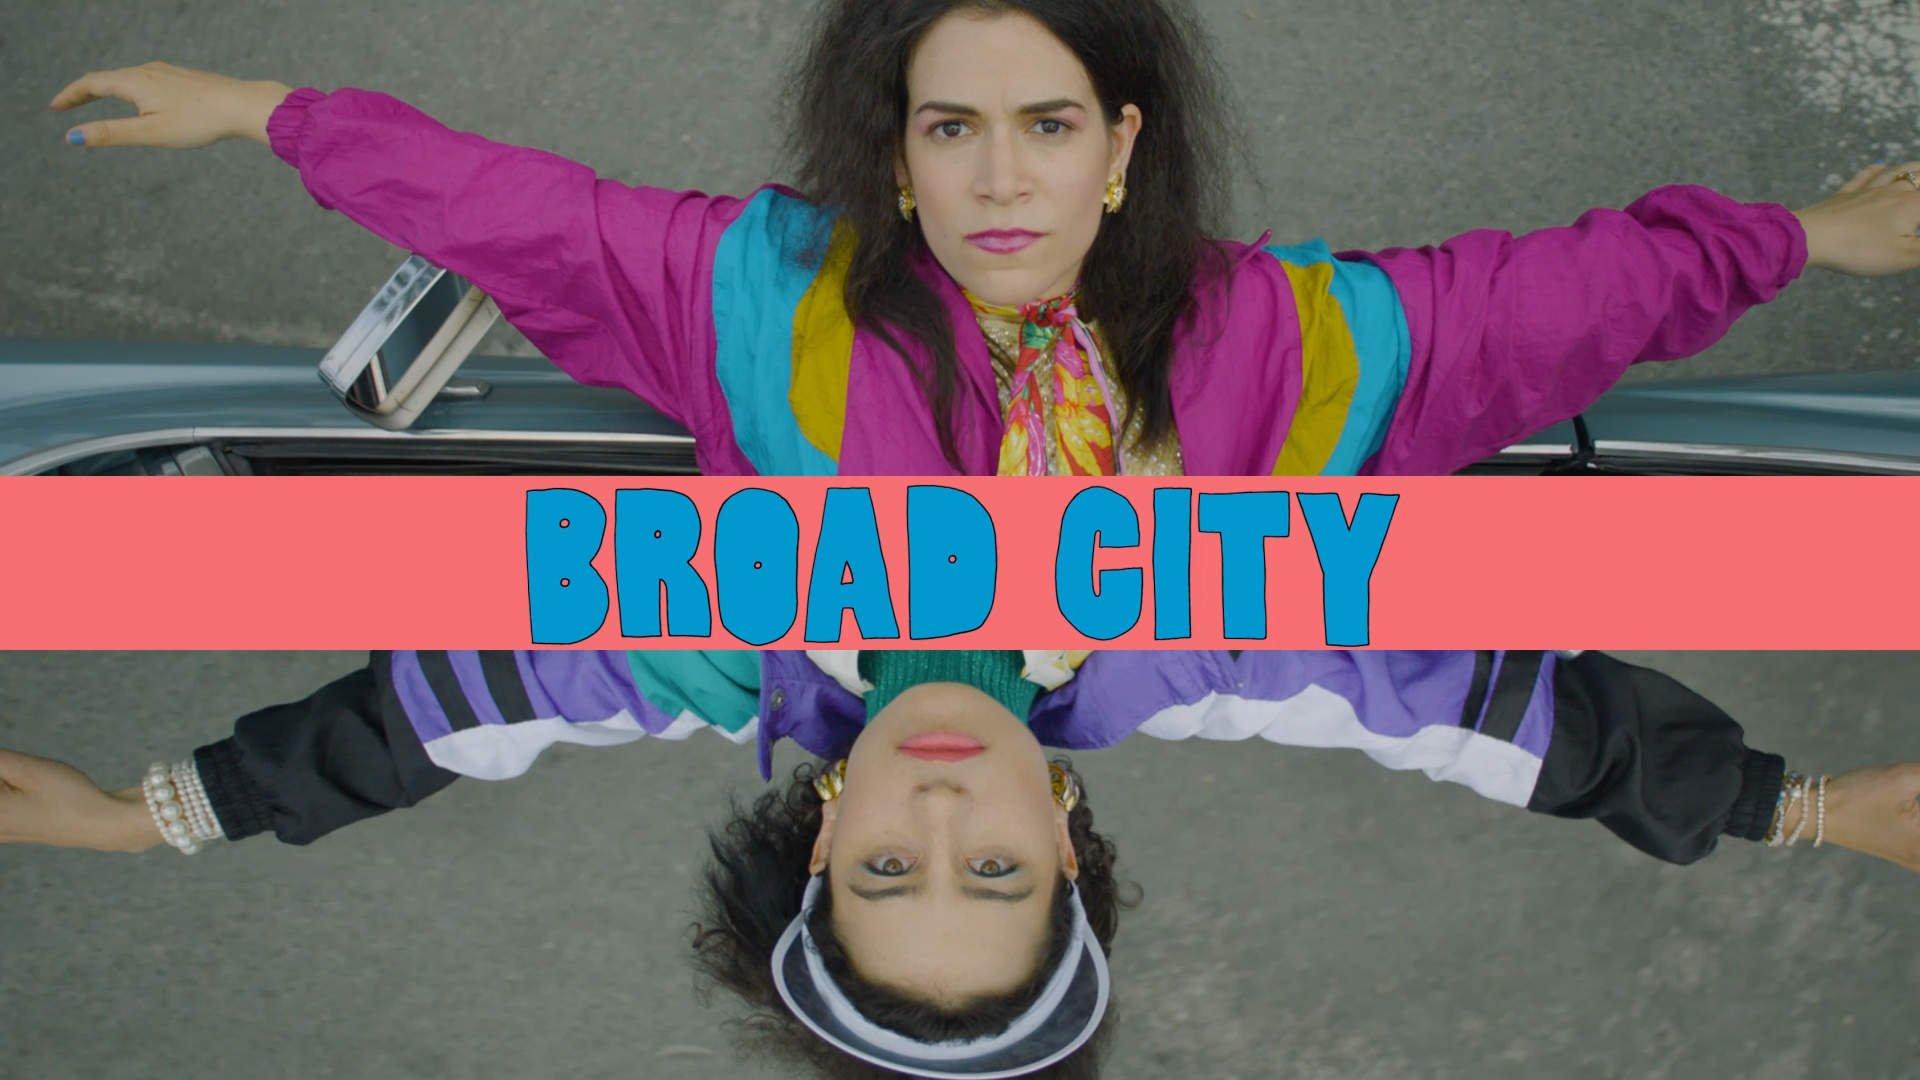 broad city show hd wallpaper 70197